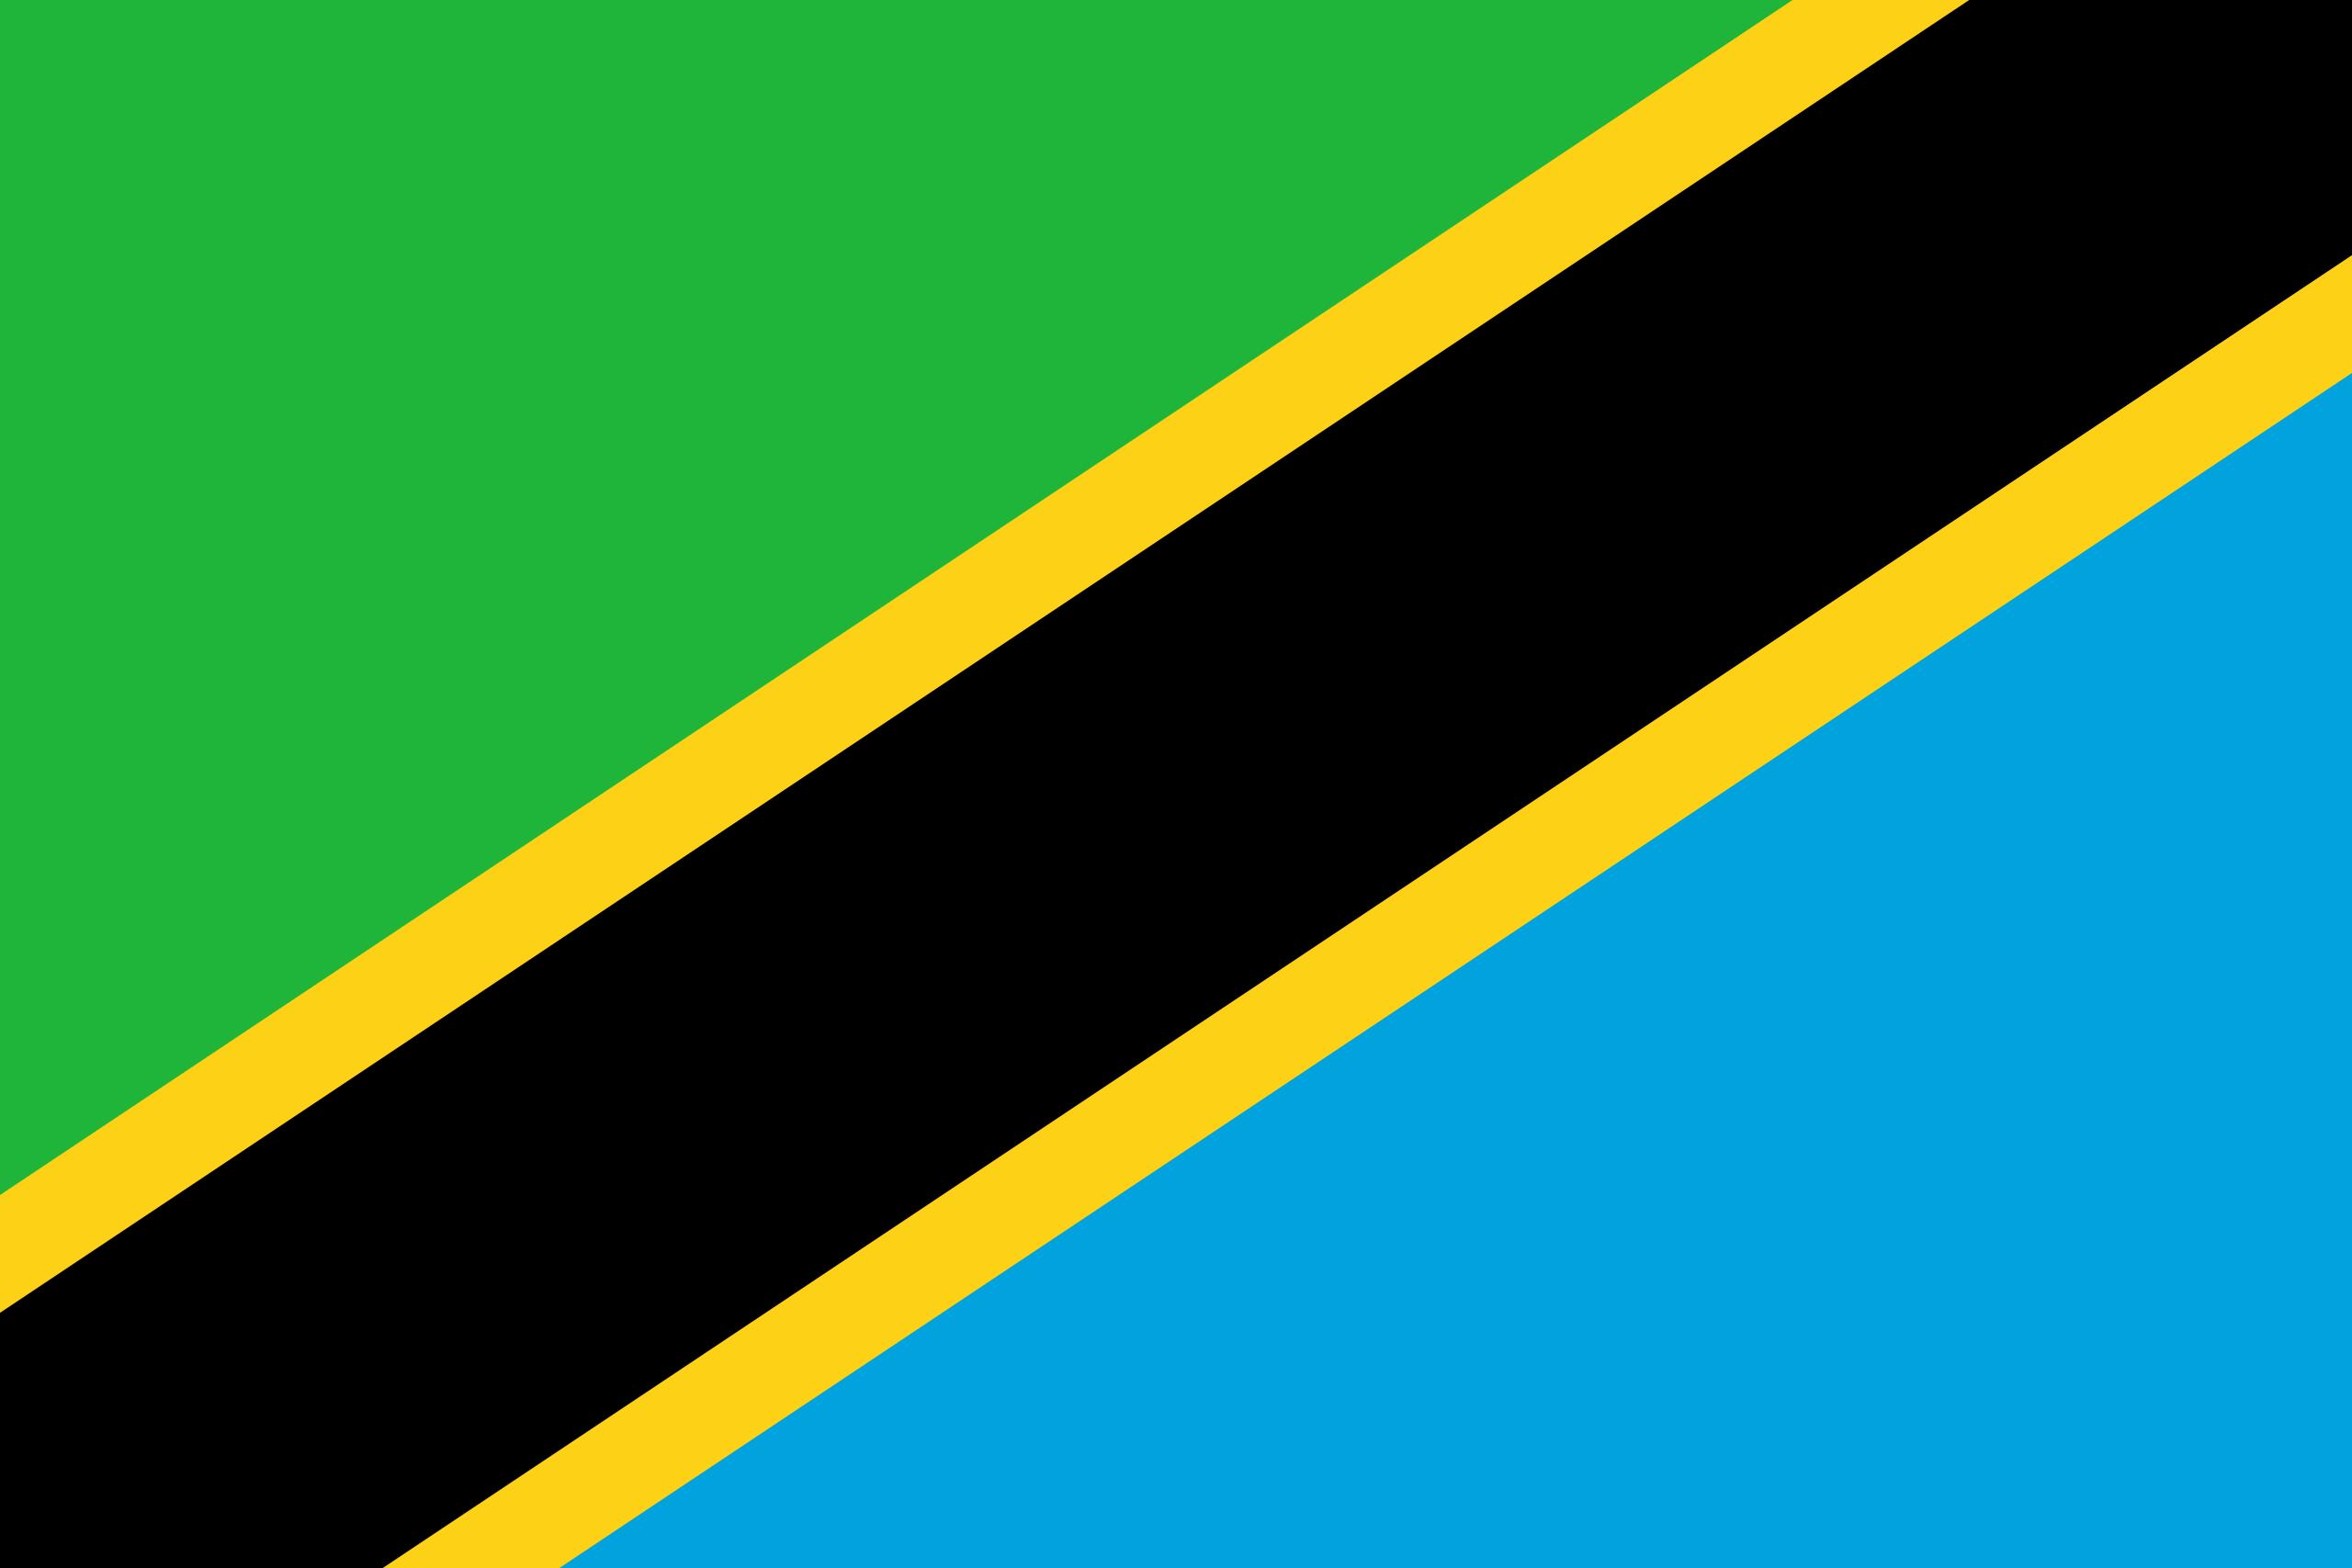 tanzania, χώρα, έμβλημα, λογότυπο, σύμβολο - Wallpapers HD - Professor-falken.com